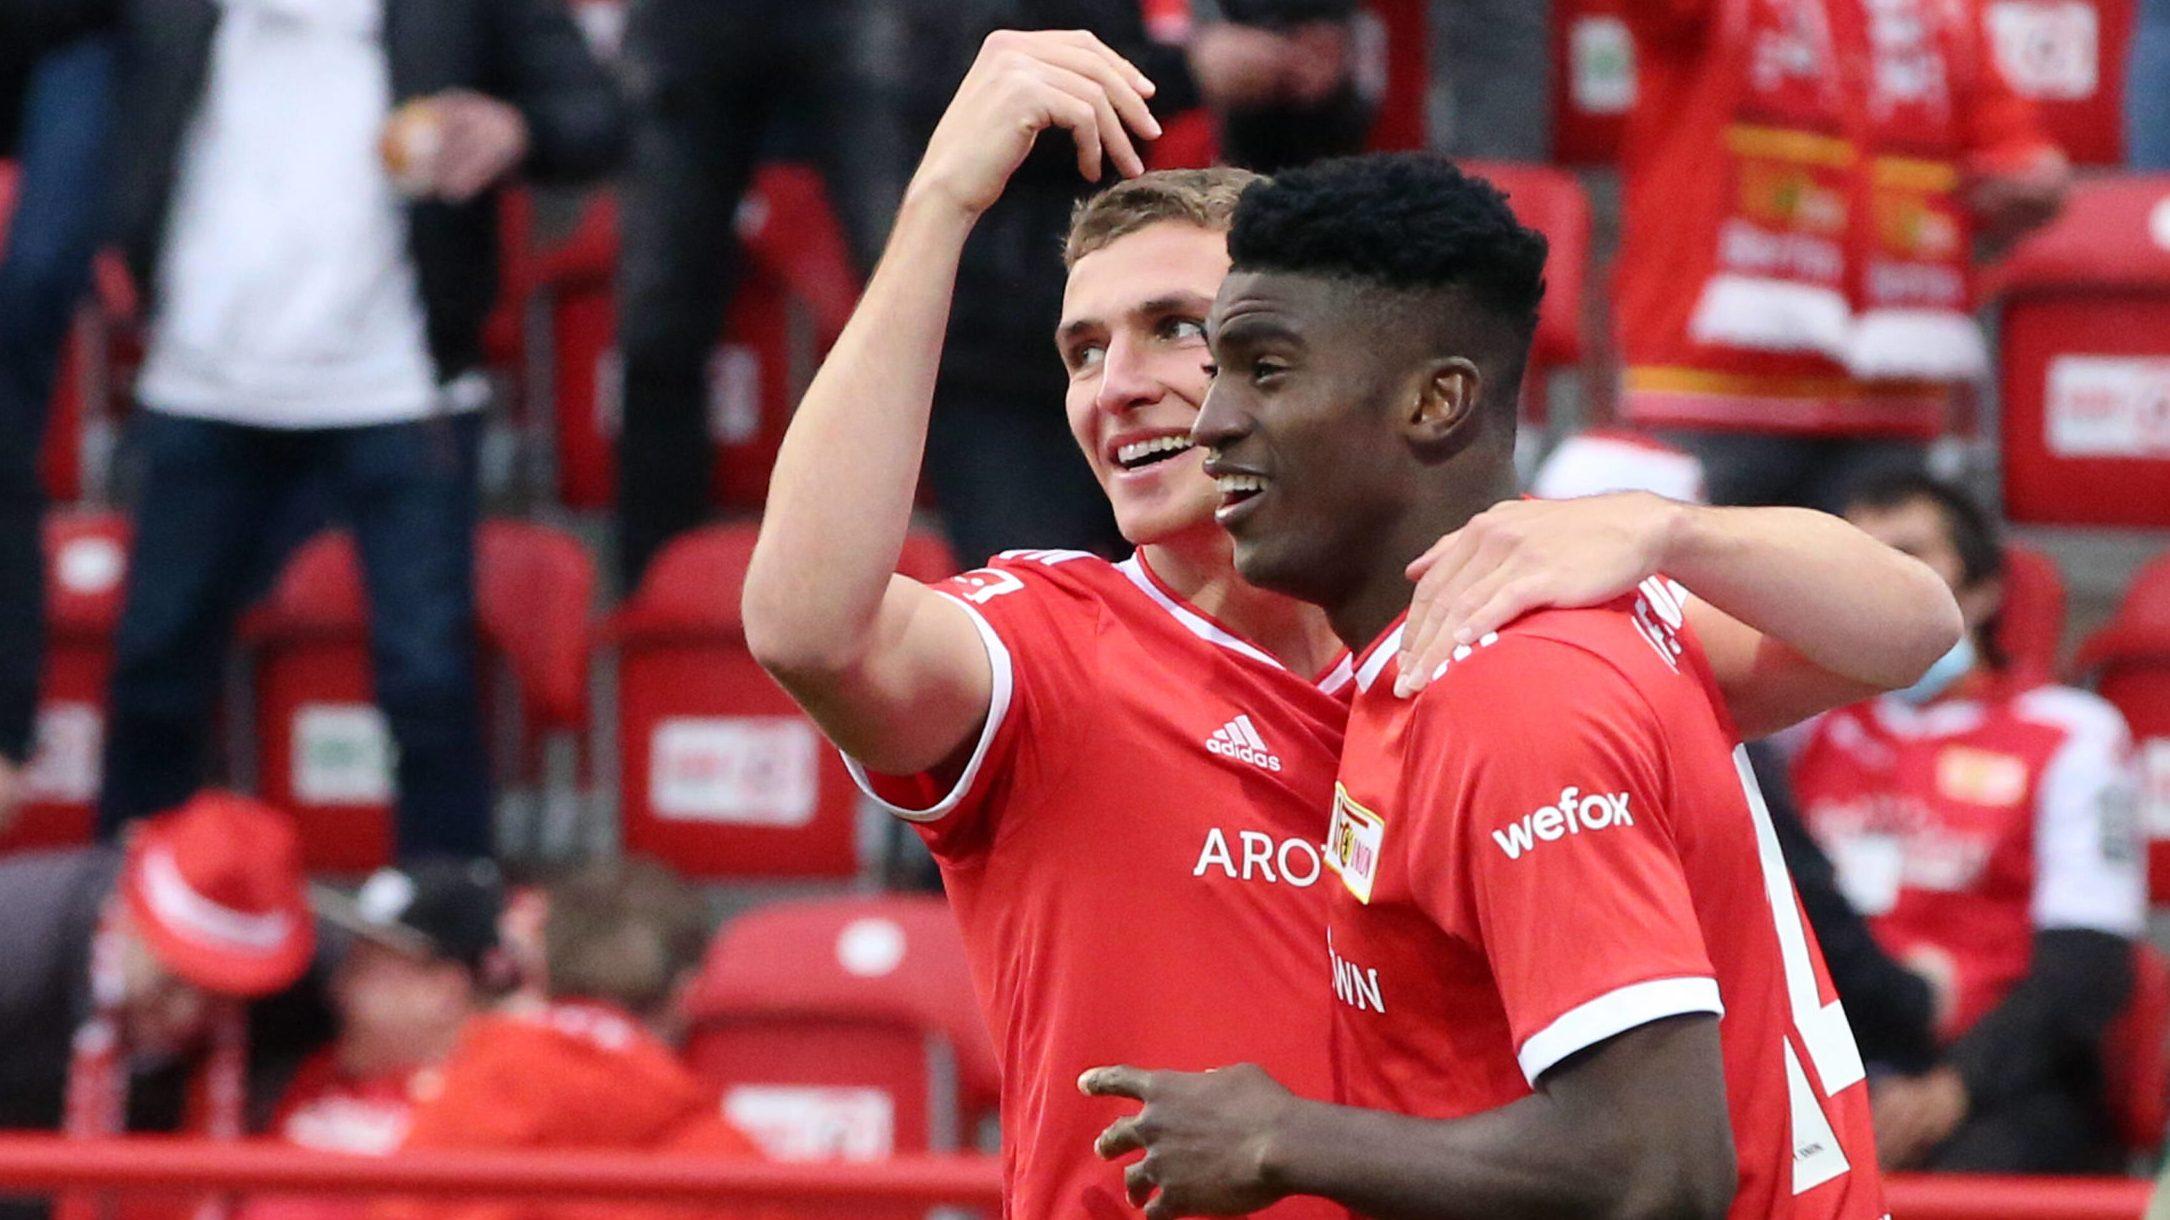 Awoniyi helps Union beat Wolfsburg